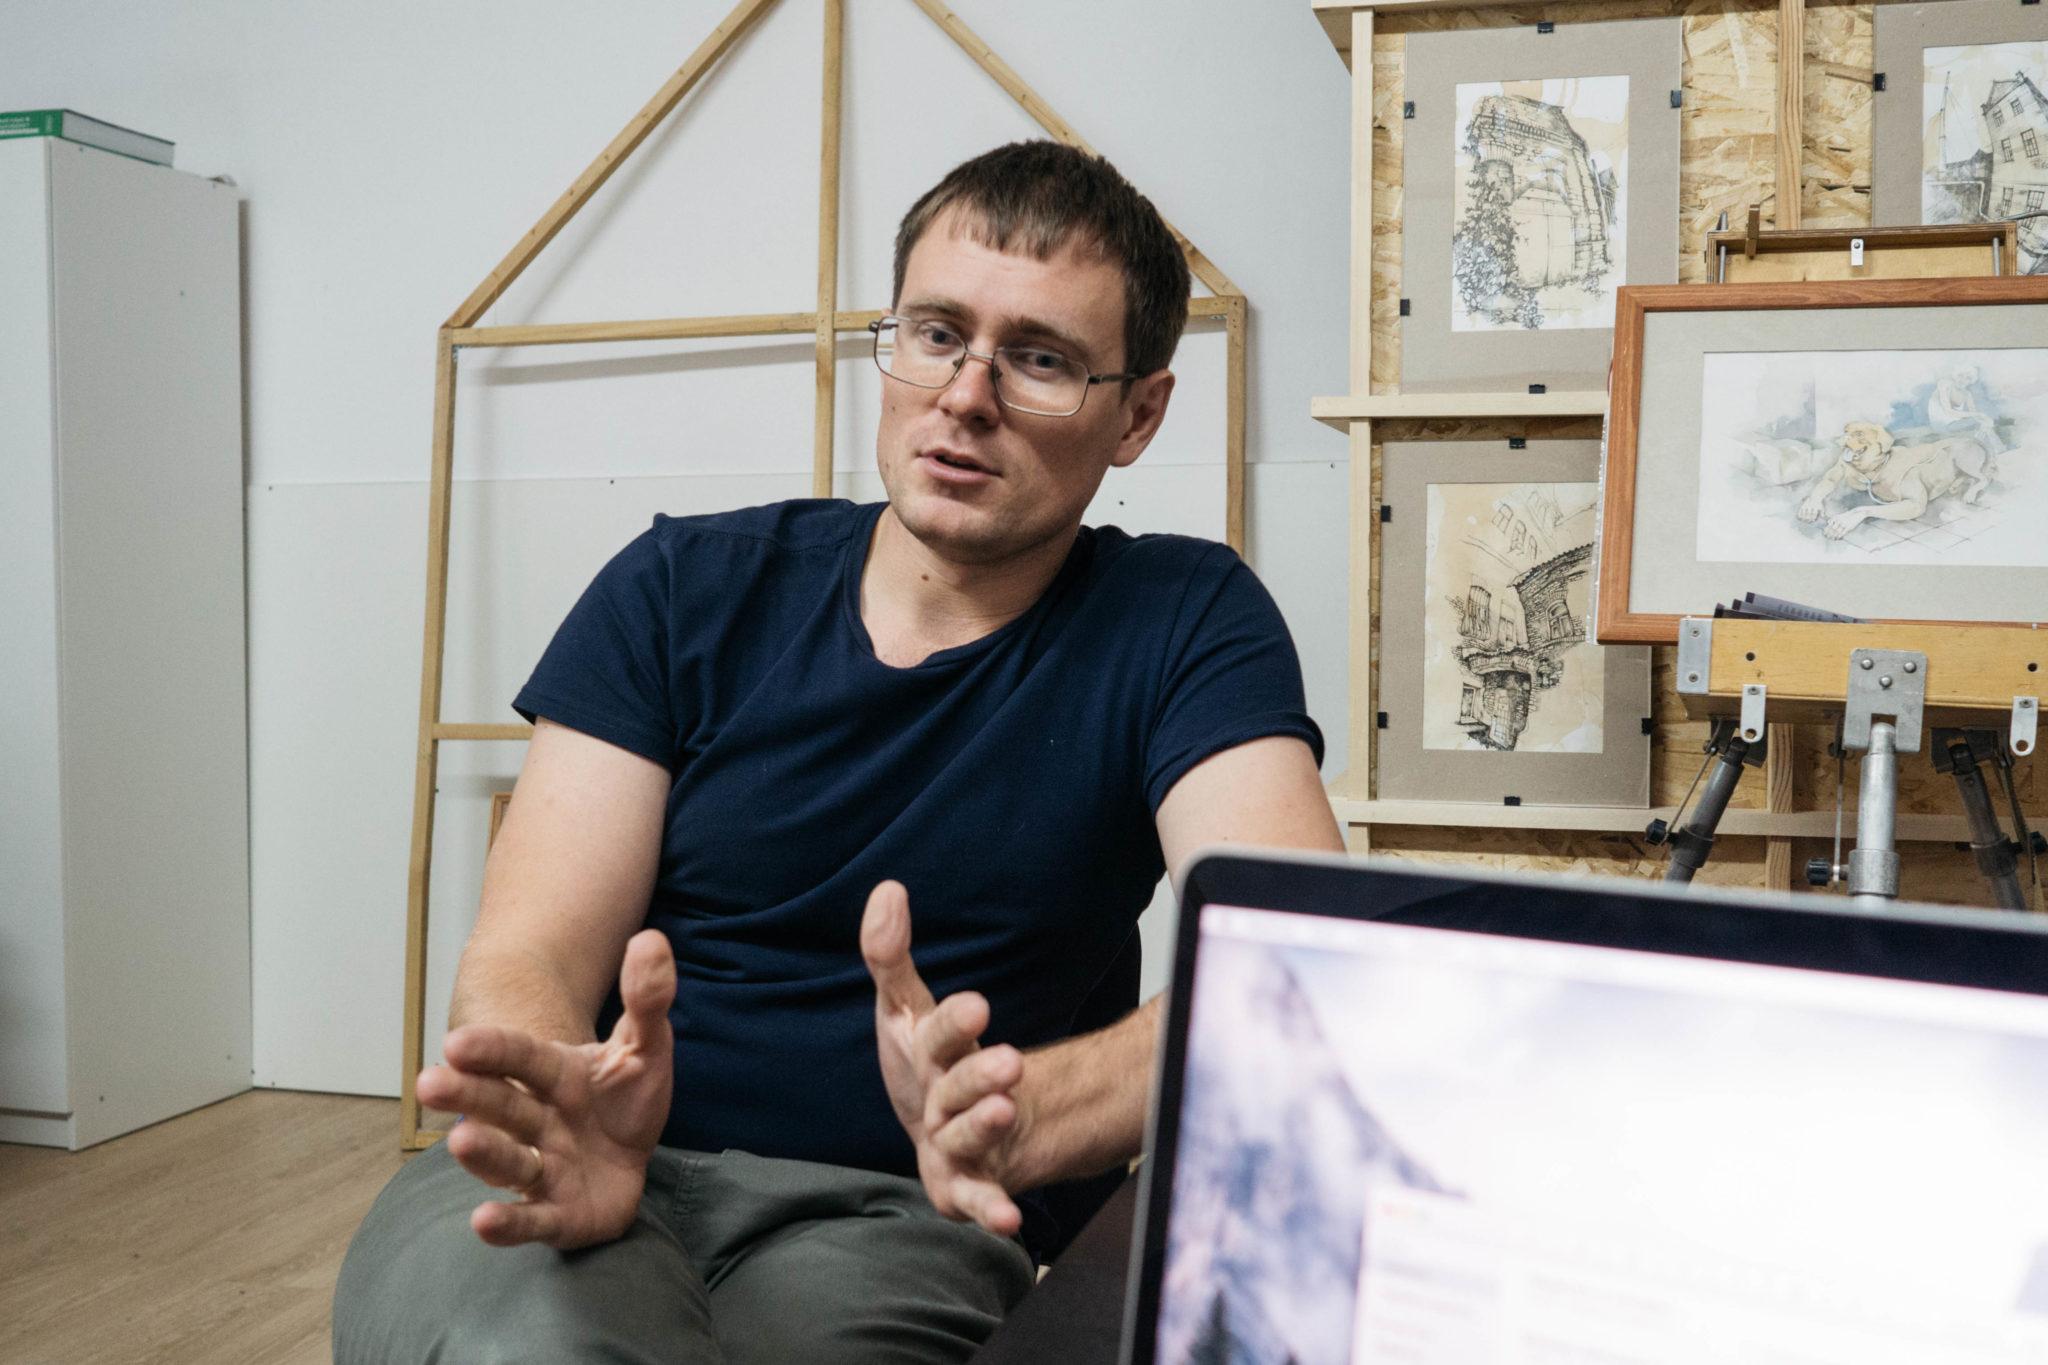 «Нужно предпринимать все возможные усилия, чтобы у старых зданий в Оренбурге появились постоянные владельцы», — архитектор Александр Алексеев, координатор «Том Сойер Феста»